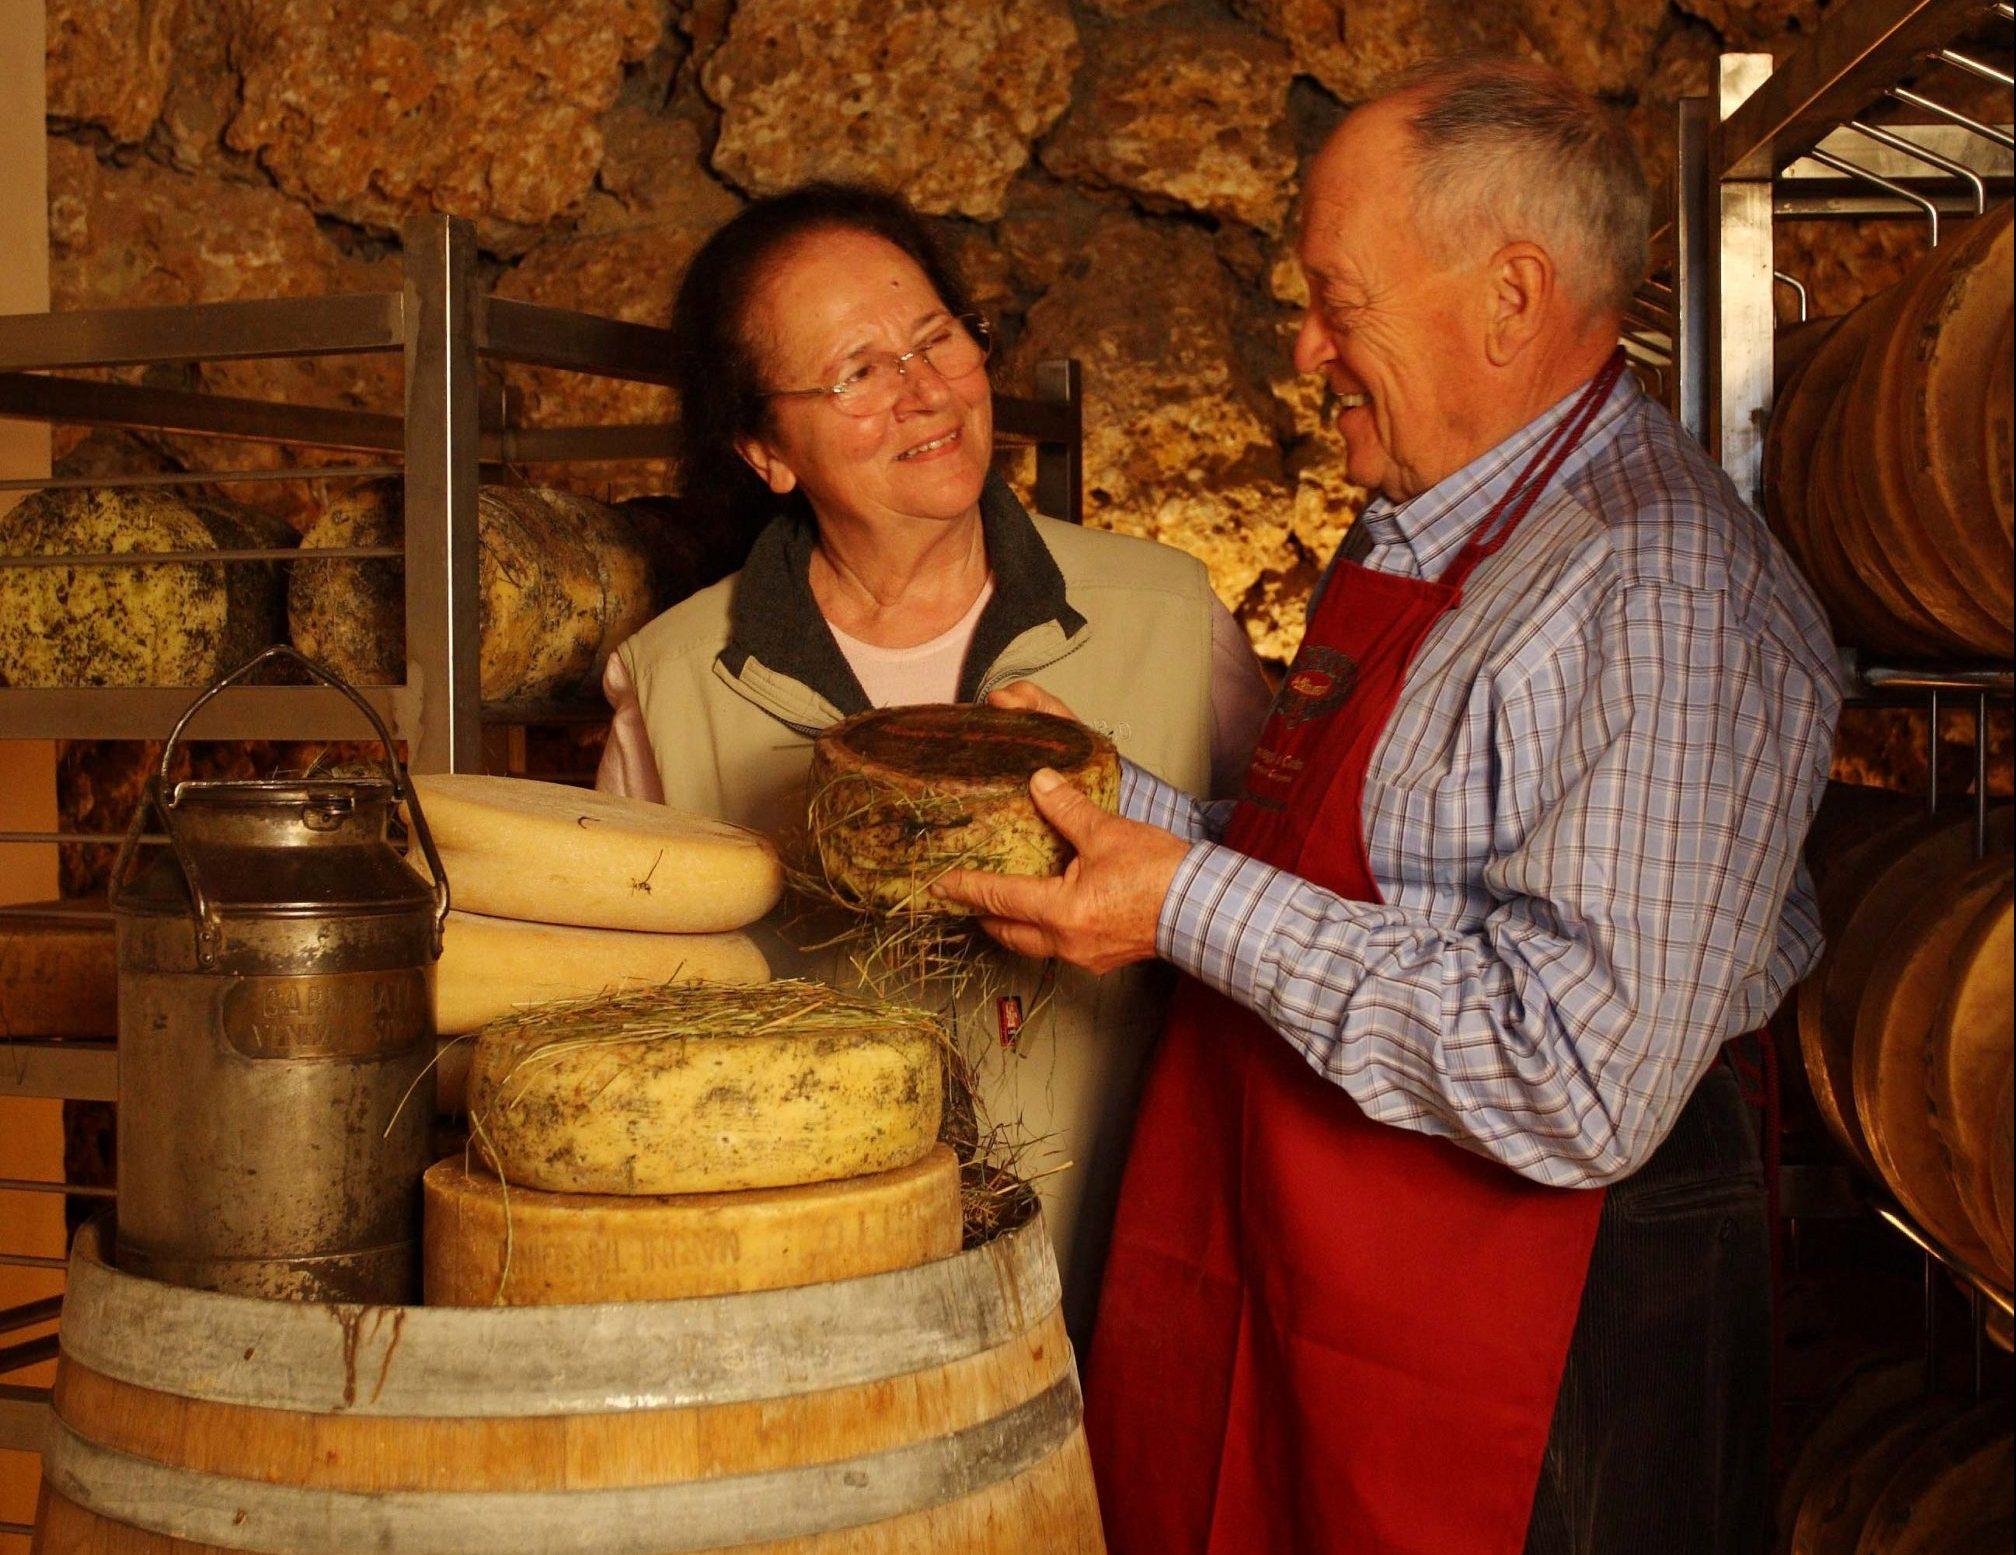 Carpenedo festeggia 45 anni di formaggio Ubriaco